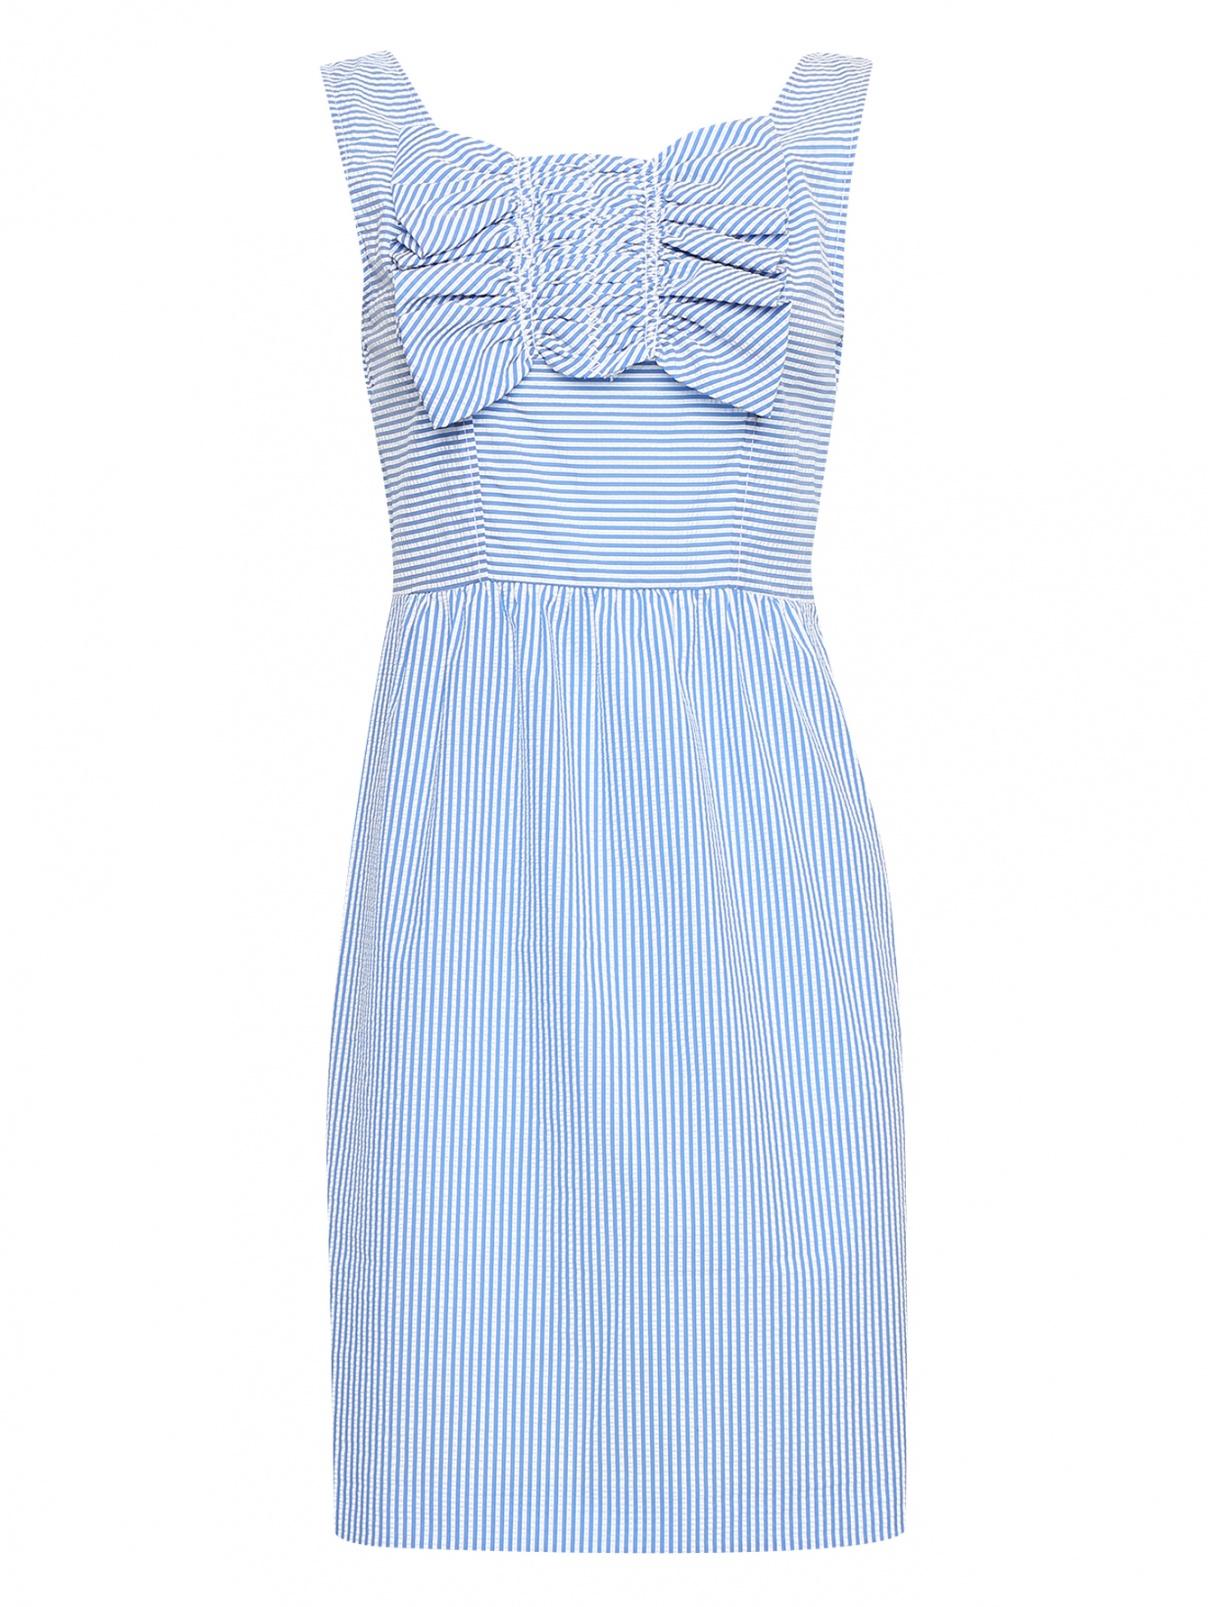 Платье-мини с узором полоска BOUTIQUE MOSCHINO  –  Общий вид  – Цвет:  Синий